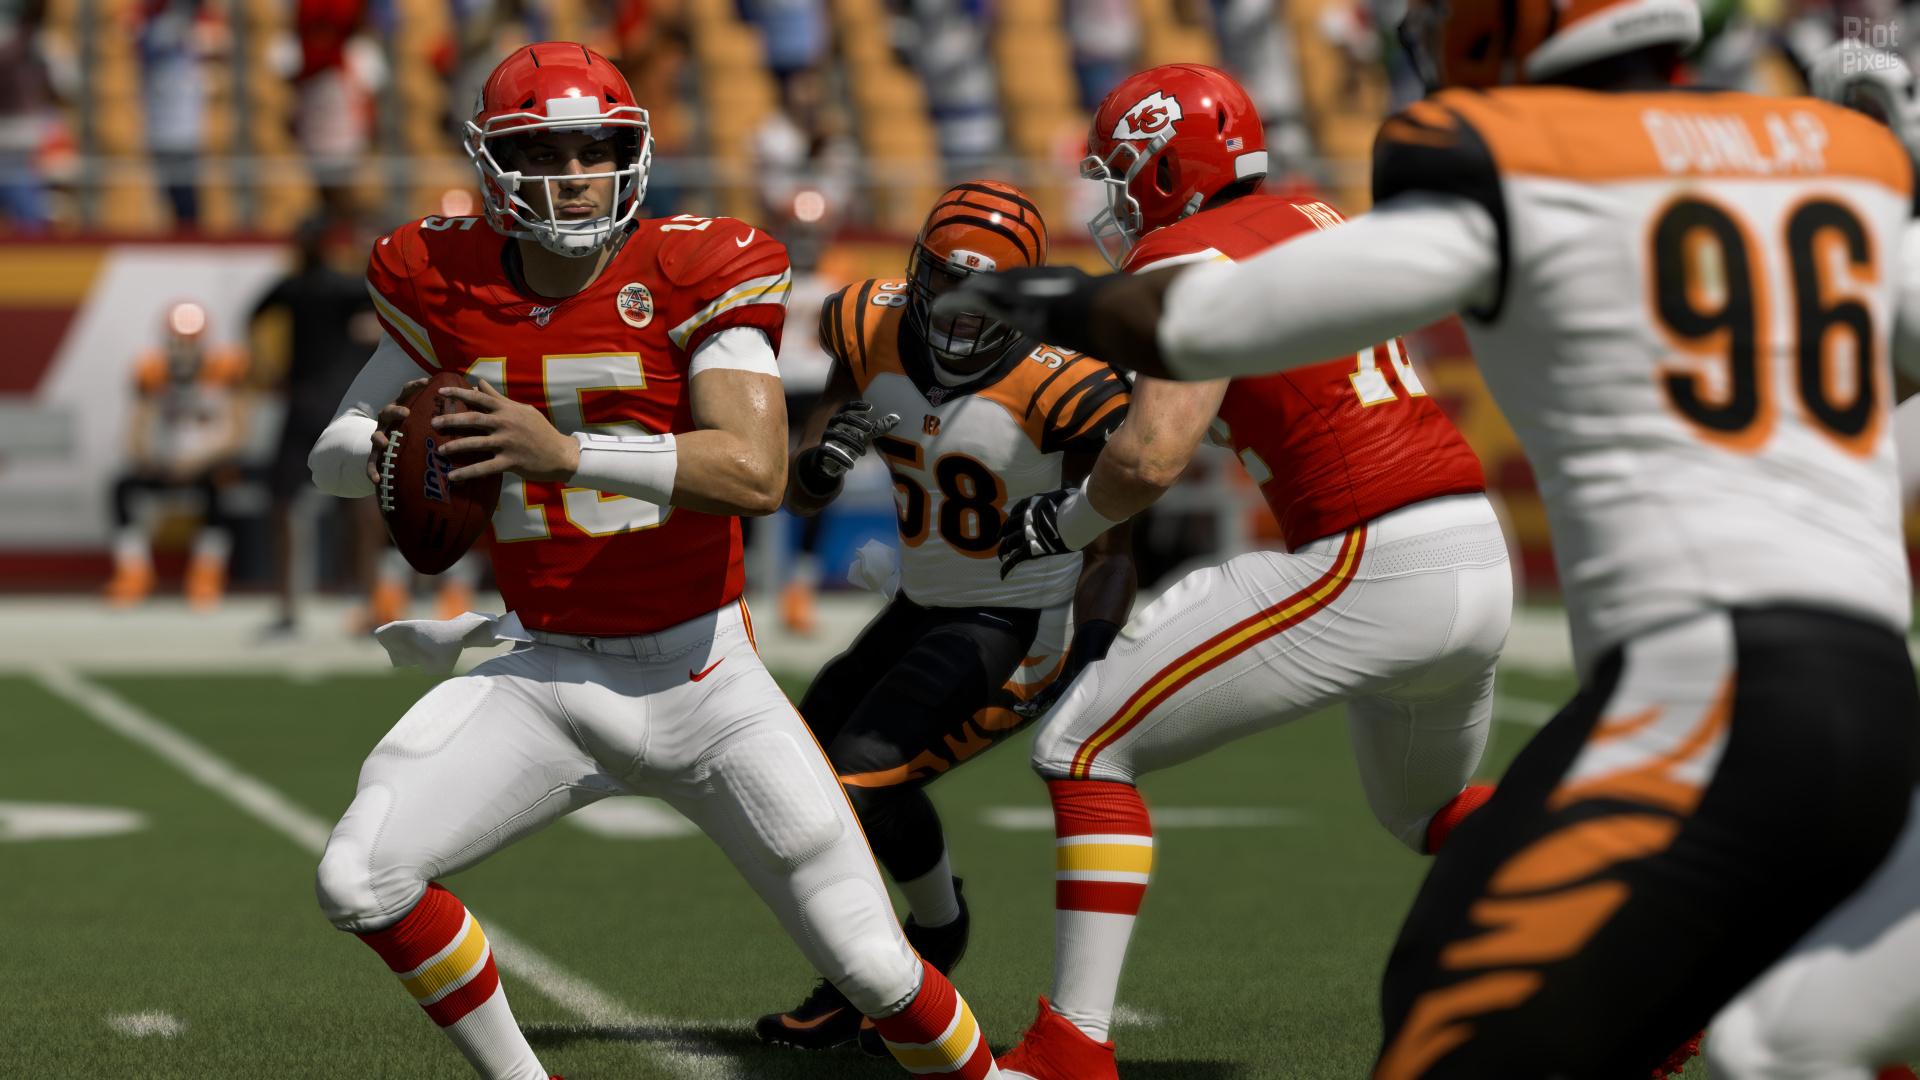 EA отменила премьеру Madden NFL21 из-за протестов в США